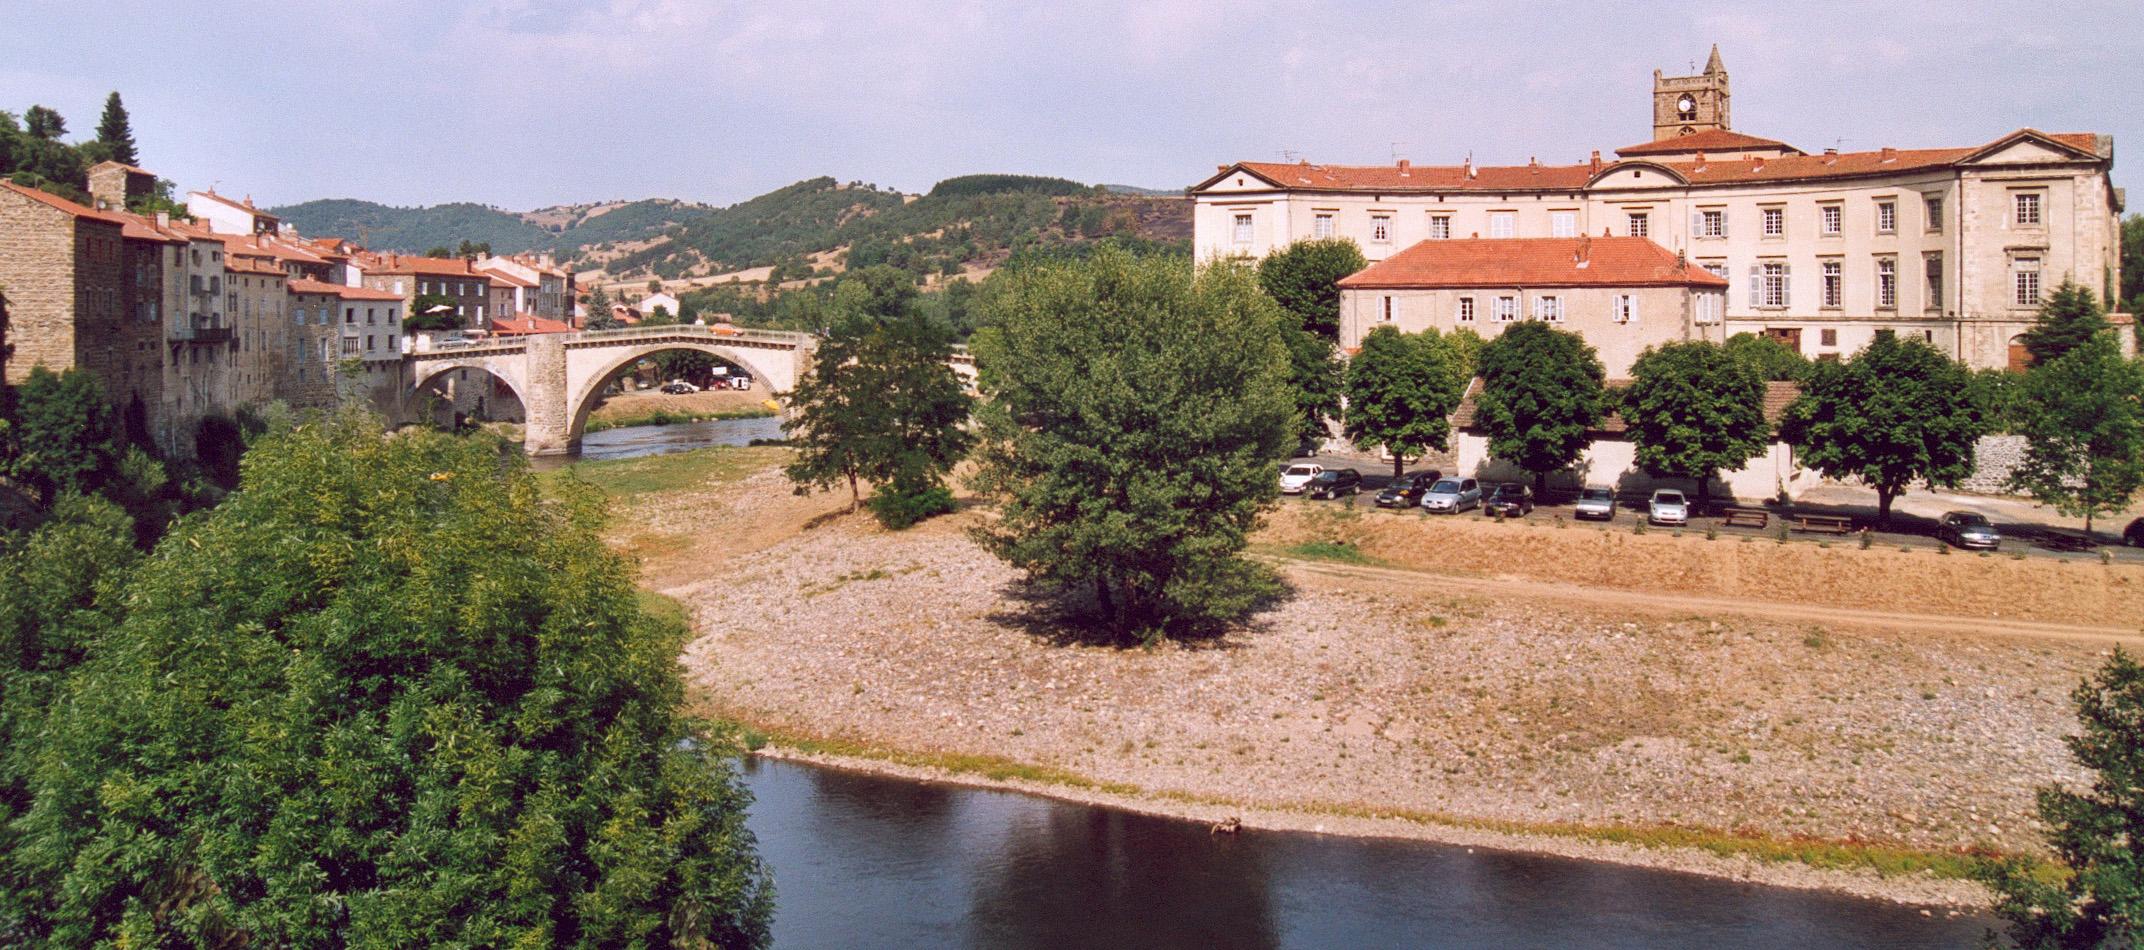 La Vòuta de Chilhac